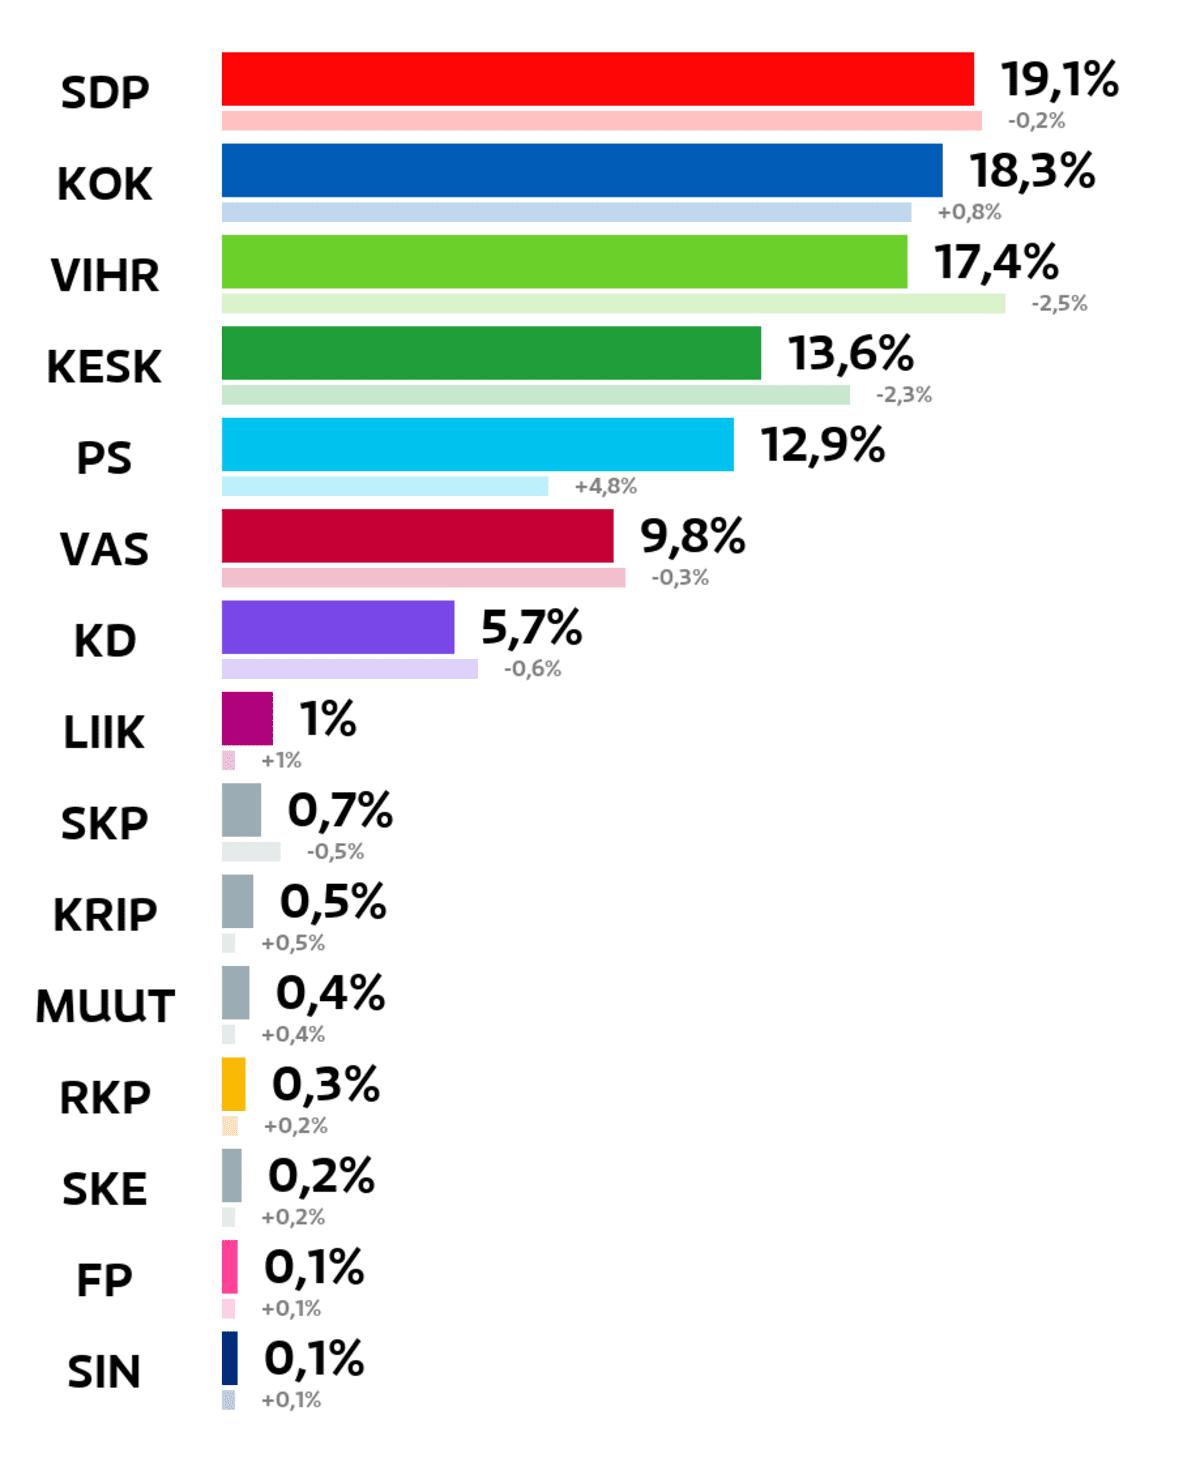 Jyväskylä: Kuntavaalien tulos (%) SDP: 19,1 prosenttia Kokoomus: 18,3 prosenttia Vihreät: 17,4 prosenttia Keskusta: 13,6 prosenttia Perussuomalaiset: 12,9 prosenttia Vasemmistoliitto: 9,8 prosenttia Kristillisdemokraatit: 5,7 prosenttia Liike Nyt: 1 prosenttia Suomen Kommunistinen Puolue: 0,7 prosenttia Kristallipuolue: 0,5 prosenttia Muut ryhmät: 0,4 prosenttia RKP: 0,3 prosenttia Suomen Kansa Ensin: 0,2 prosenttia Feministinen puolue: 0,1 prosenttia Sininen tulevaisuus: 0,1 prosenttia